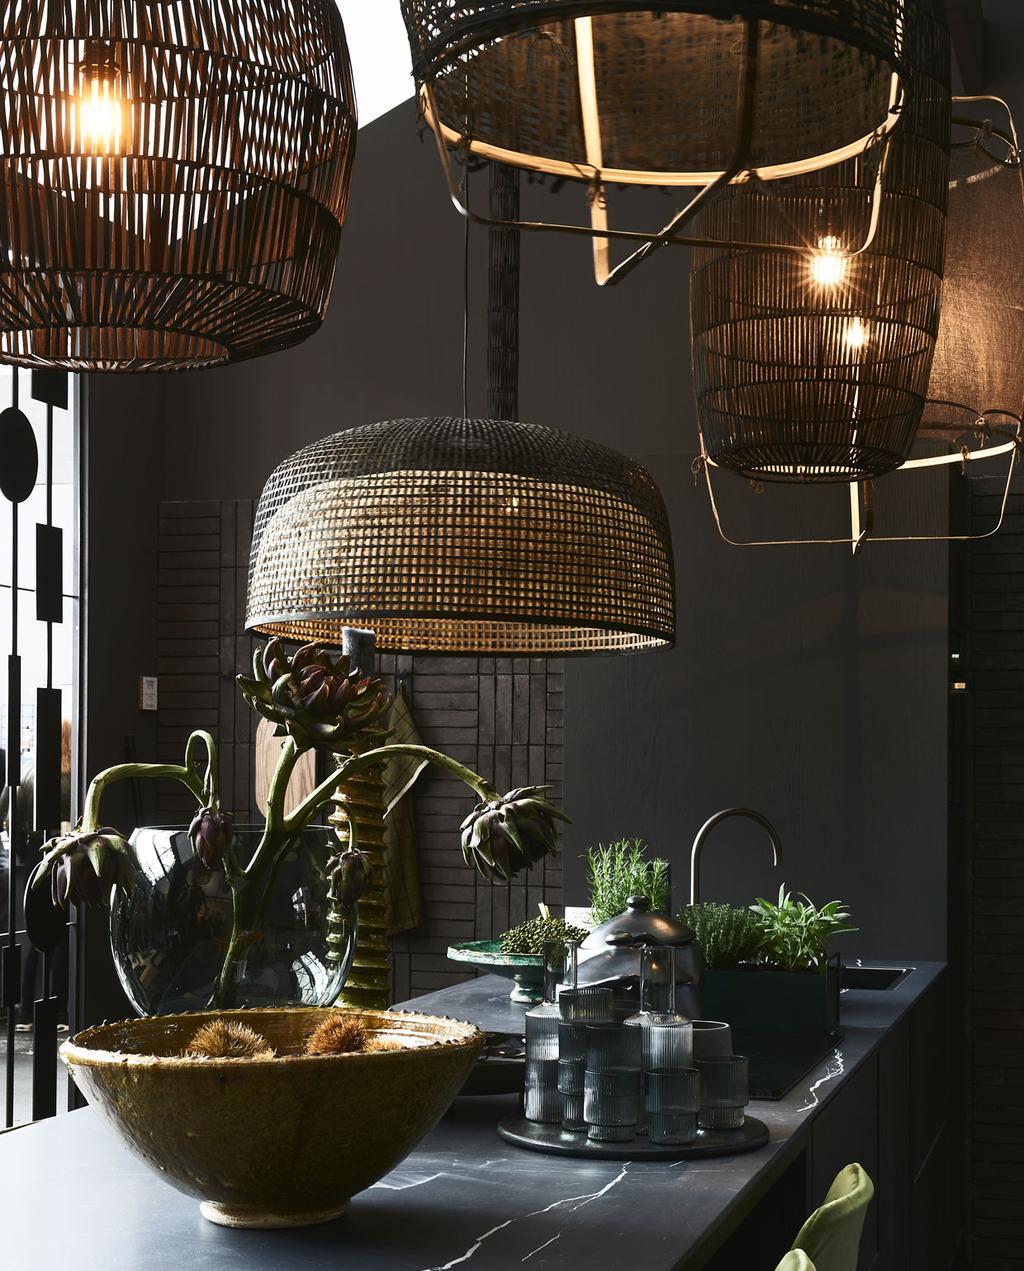 vtwonen city 2019 woonbeurs | green huis | styling Marianne Luning, Fietje Bruin